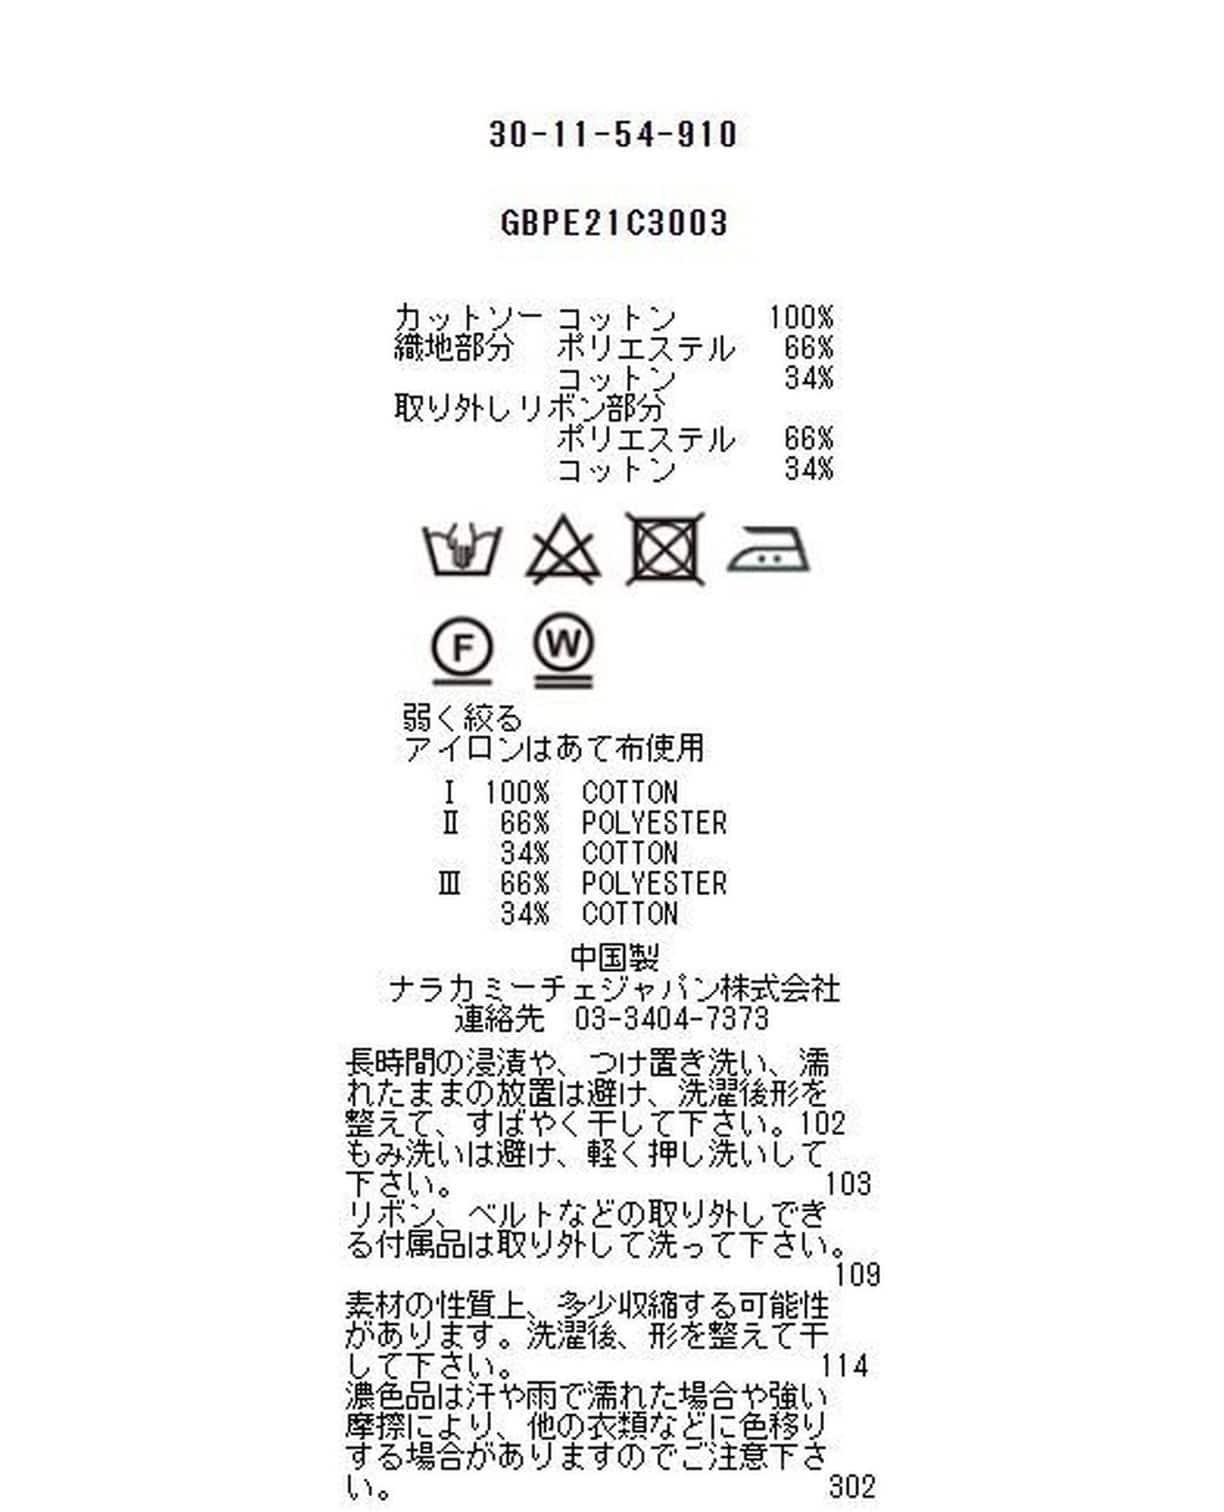 【EC限定】カットソーコンビ2WAYボウタイ付きワンピース